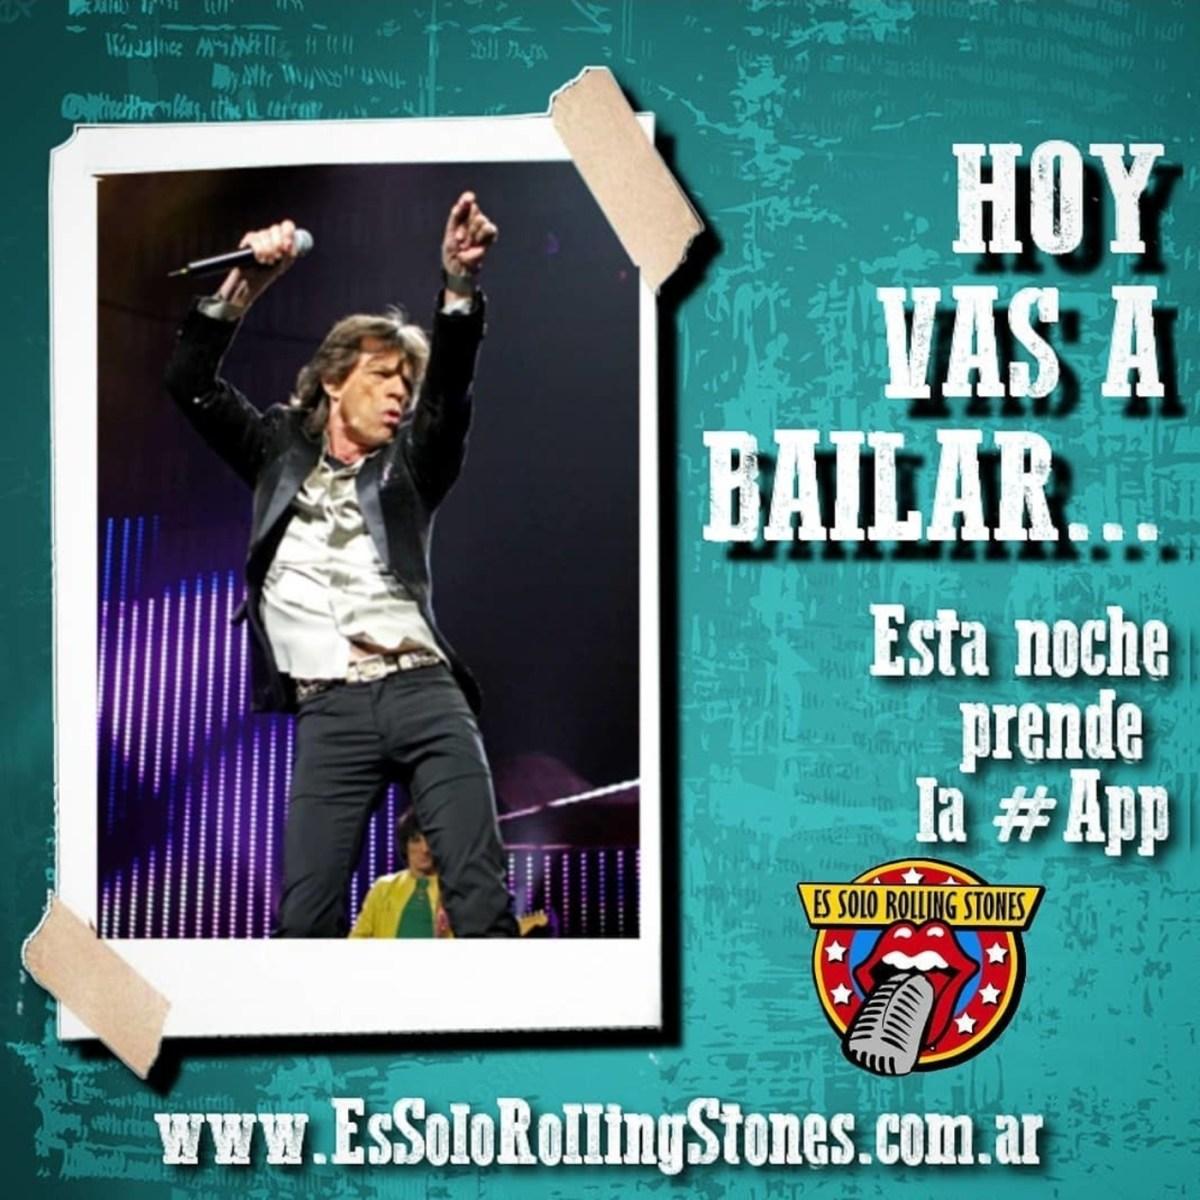 Canciones de los Rolling Stones para bailar